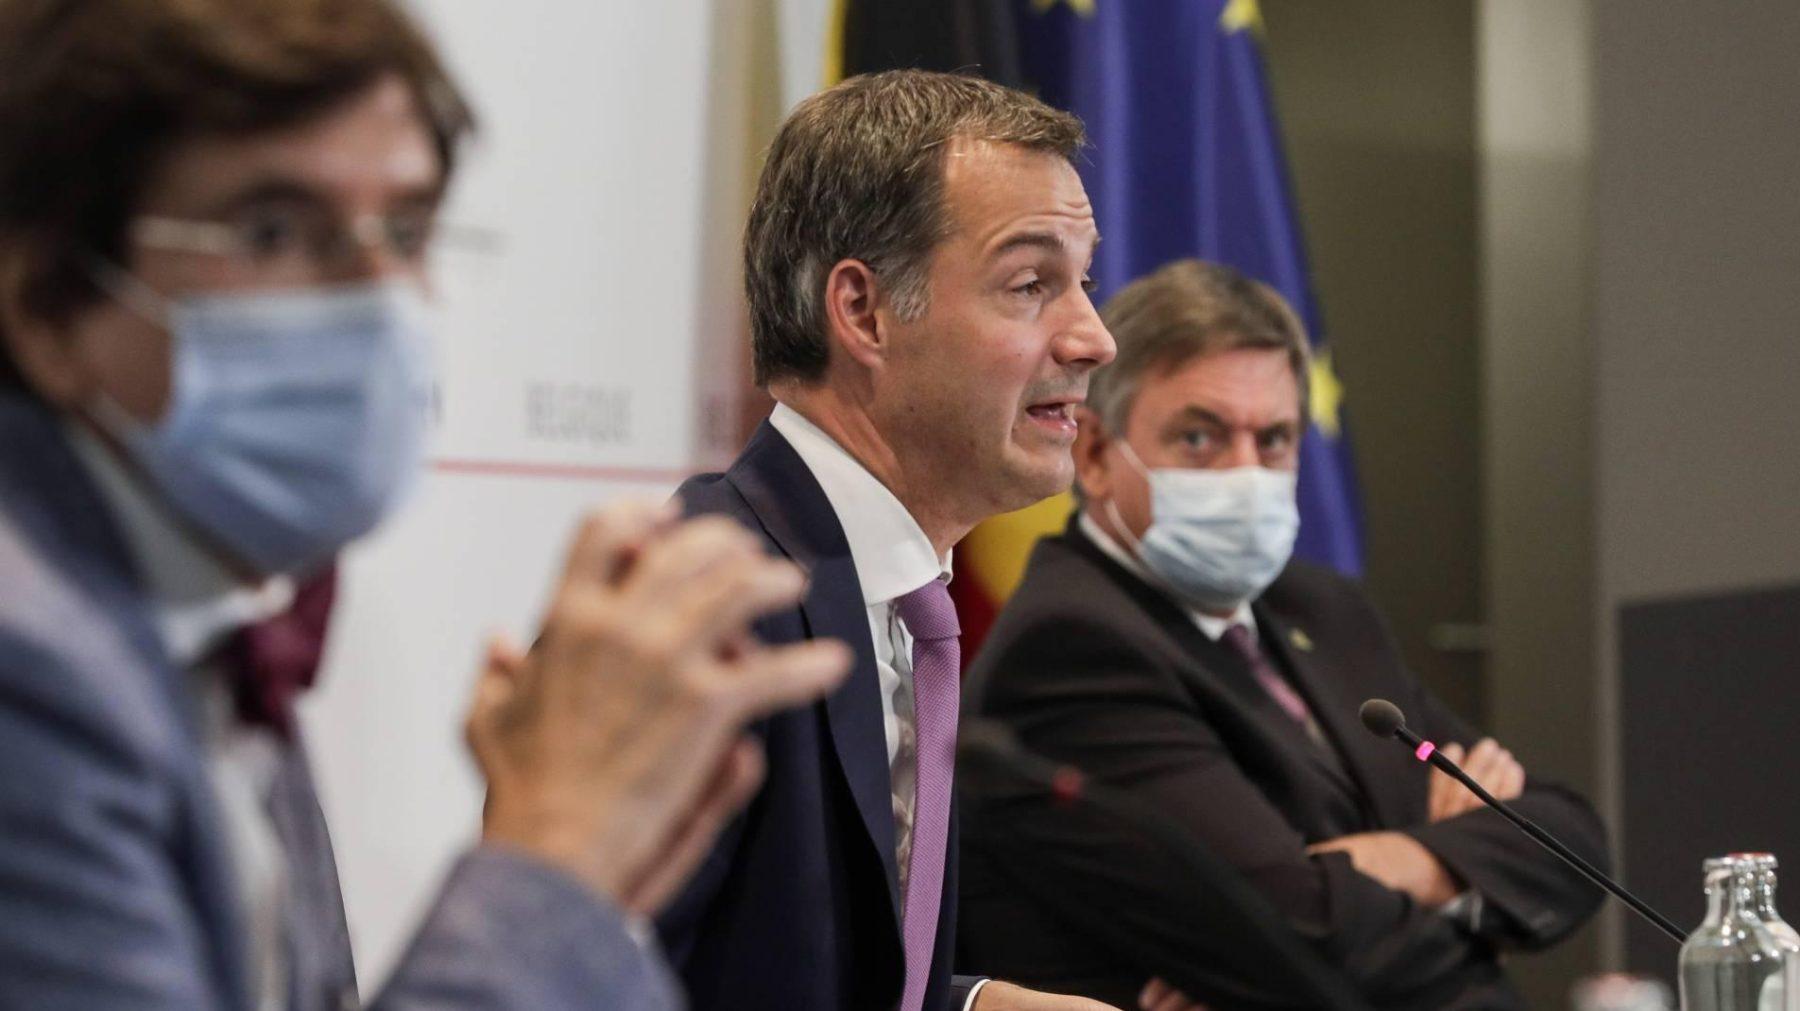 Premier België haalt keihard uit naar niet-gevaccineerden